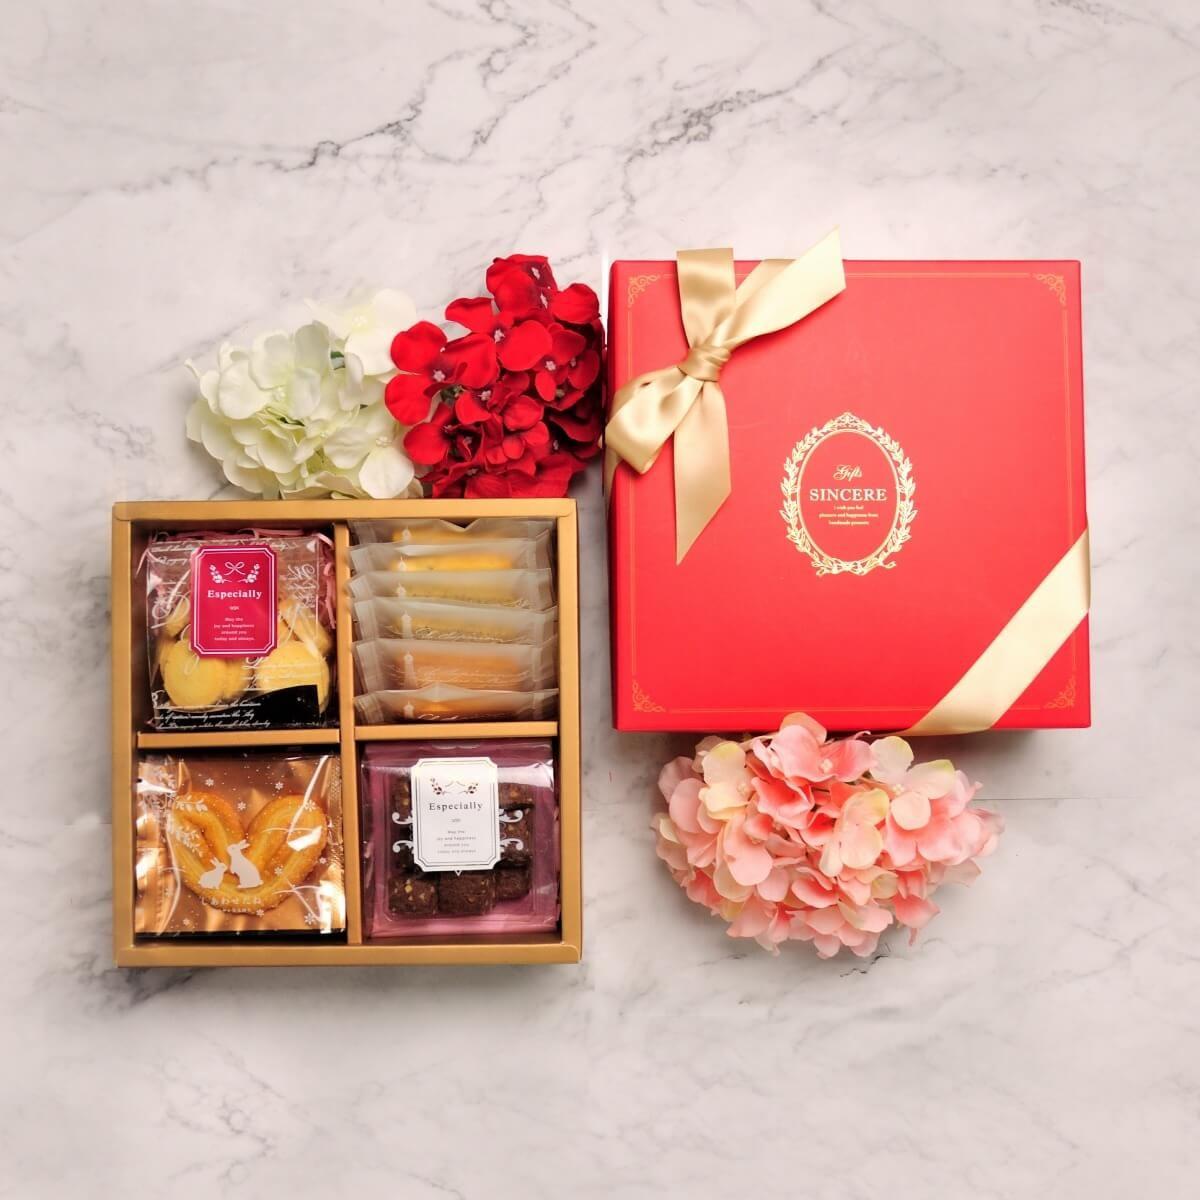 【香貝里】凡爾賽之戀(紅)禮盒 / 手工喜餅 / 伴手禮 / 附提袋